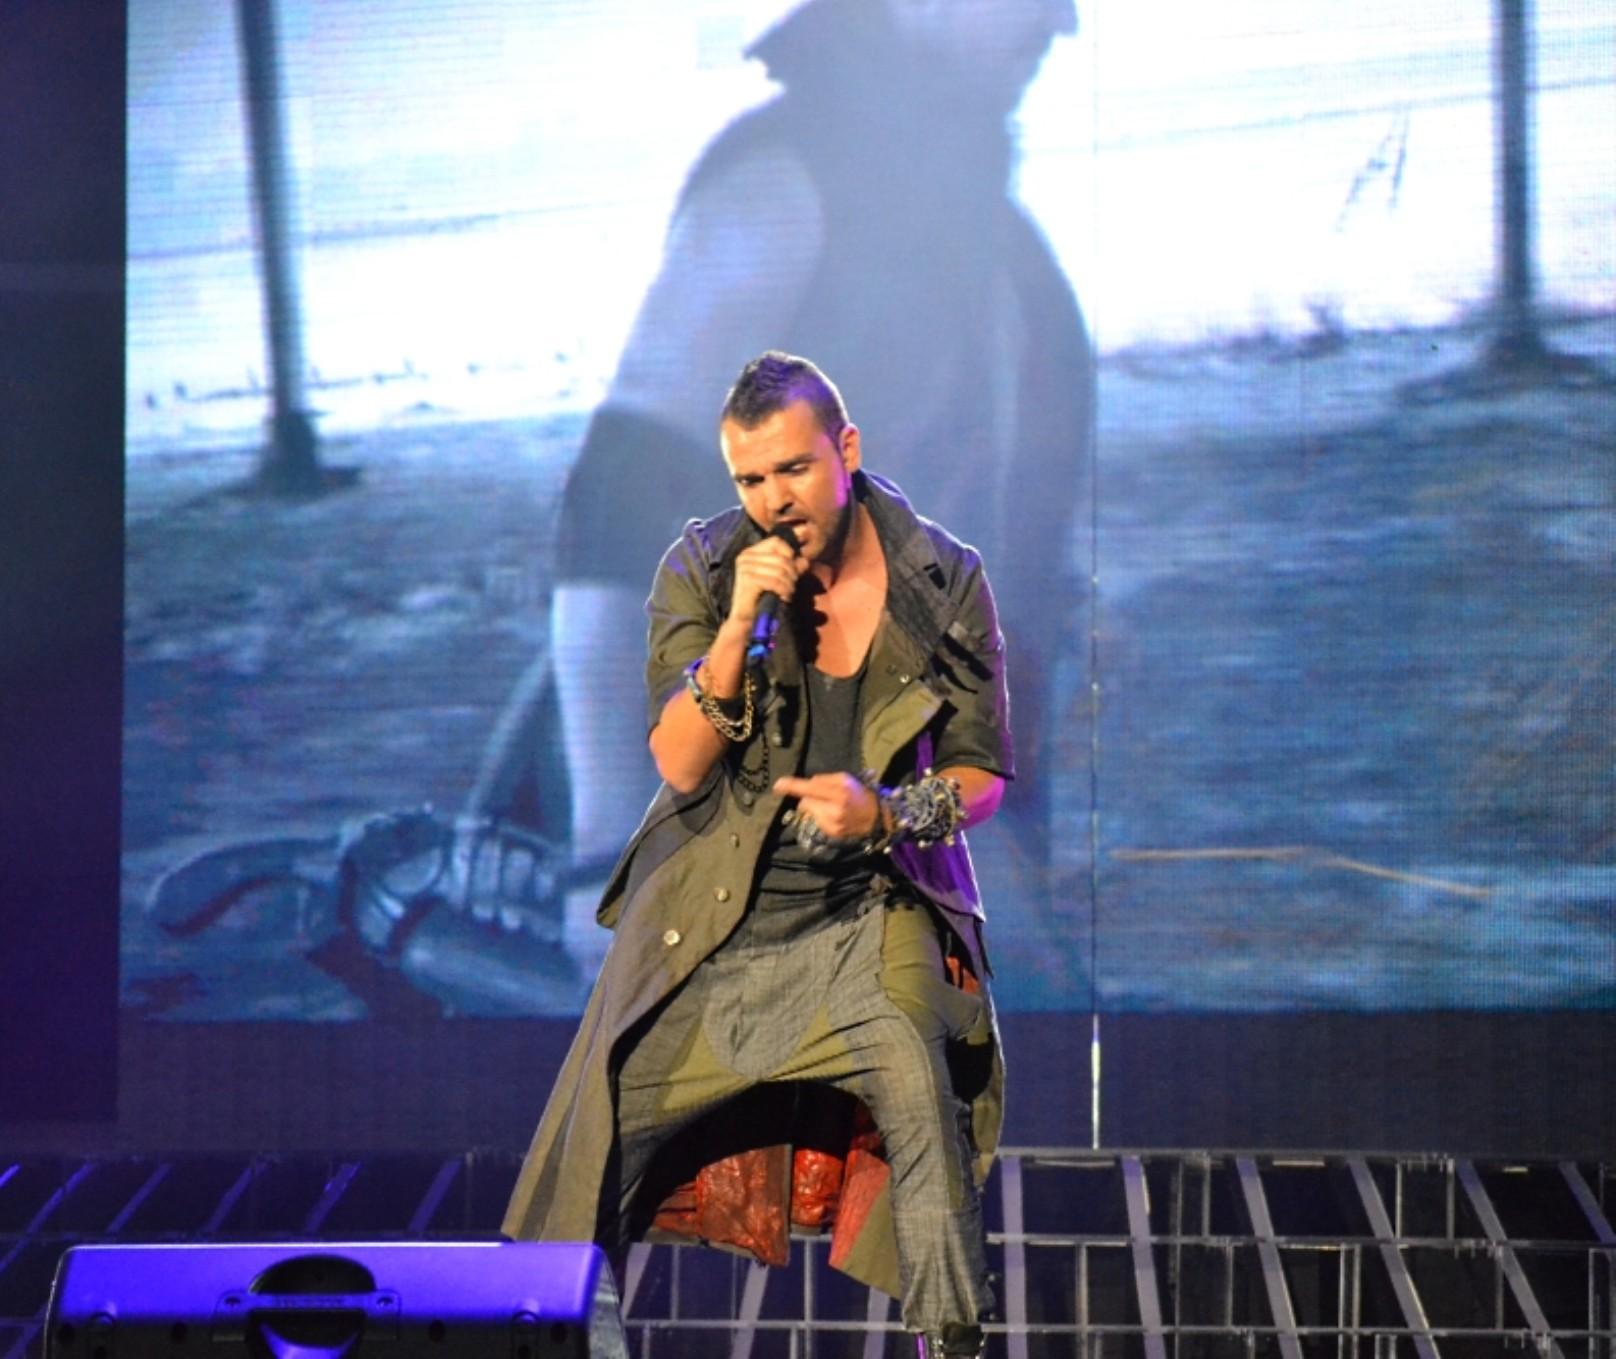 """Графа ще седне тази седмица на стола на Васко Василев. Музикалният продуцент на """"X Factor"""", изпълнител и композитор ще се представи като ментор на """"Момчетата"""" и във вторник ще оценява изпълненията на участниците."""